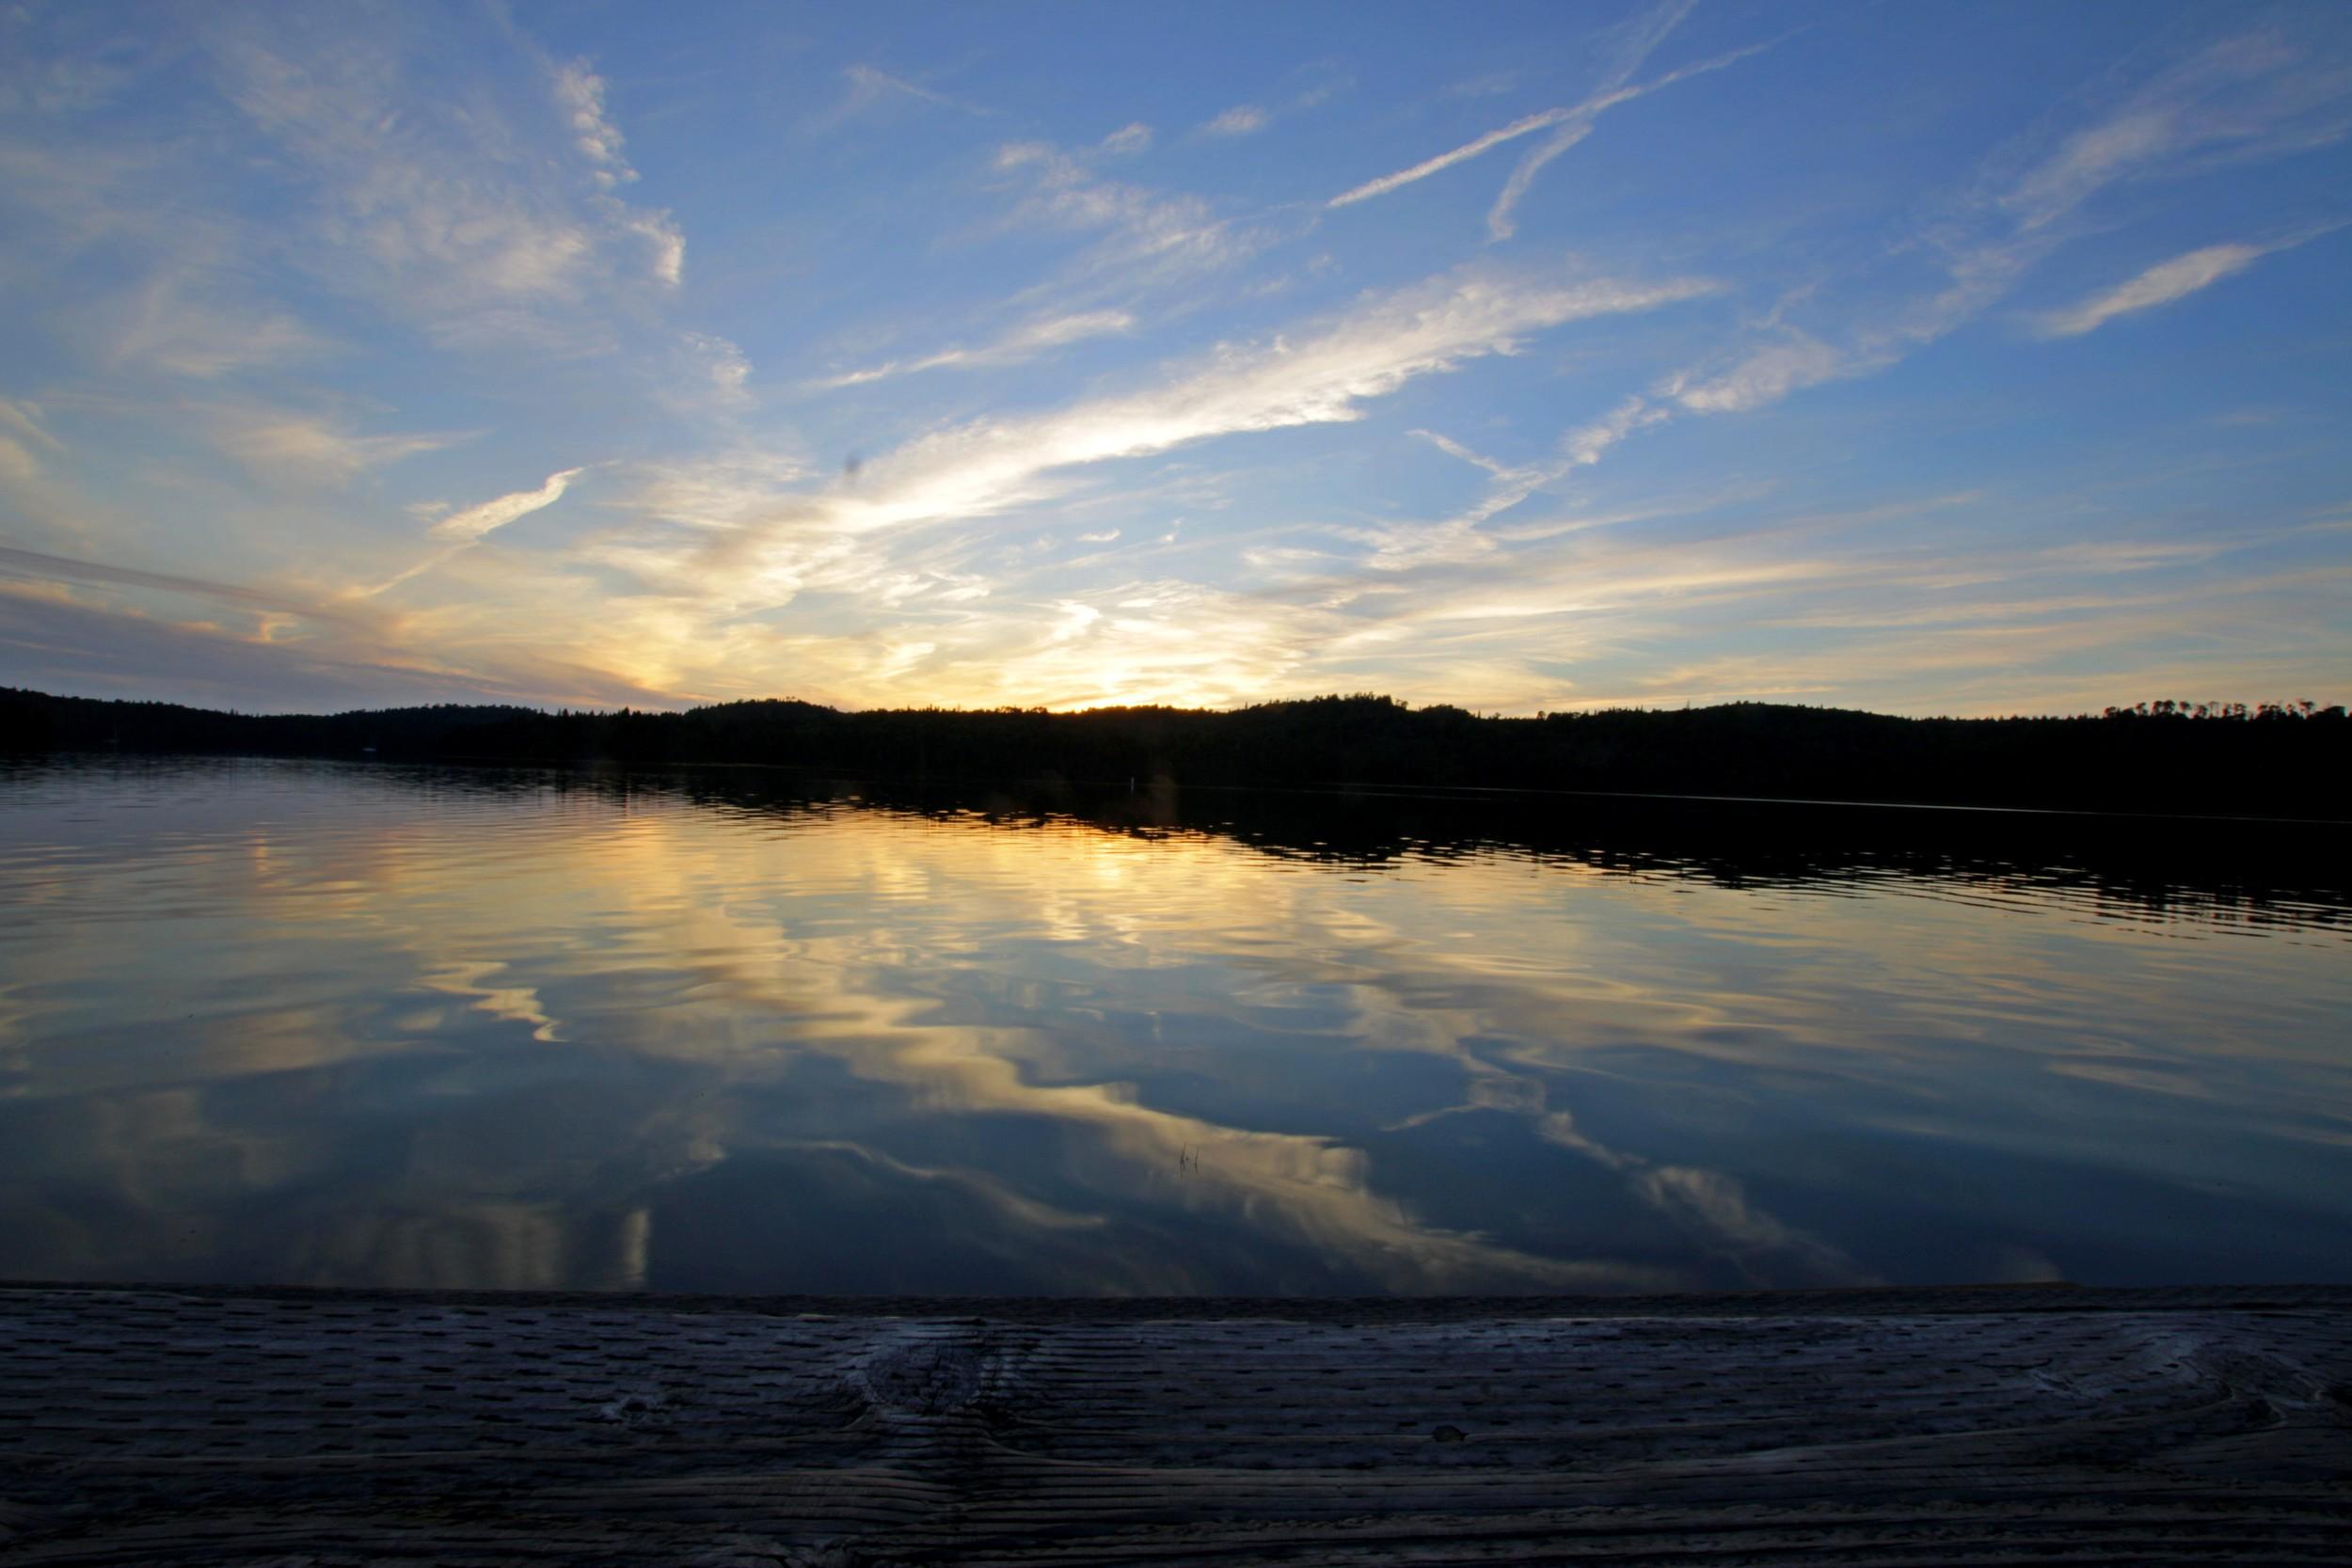 Sunset - Isle Royale, MI - July 2014